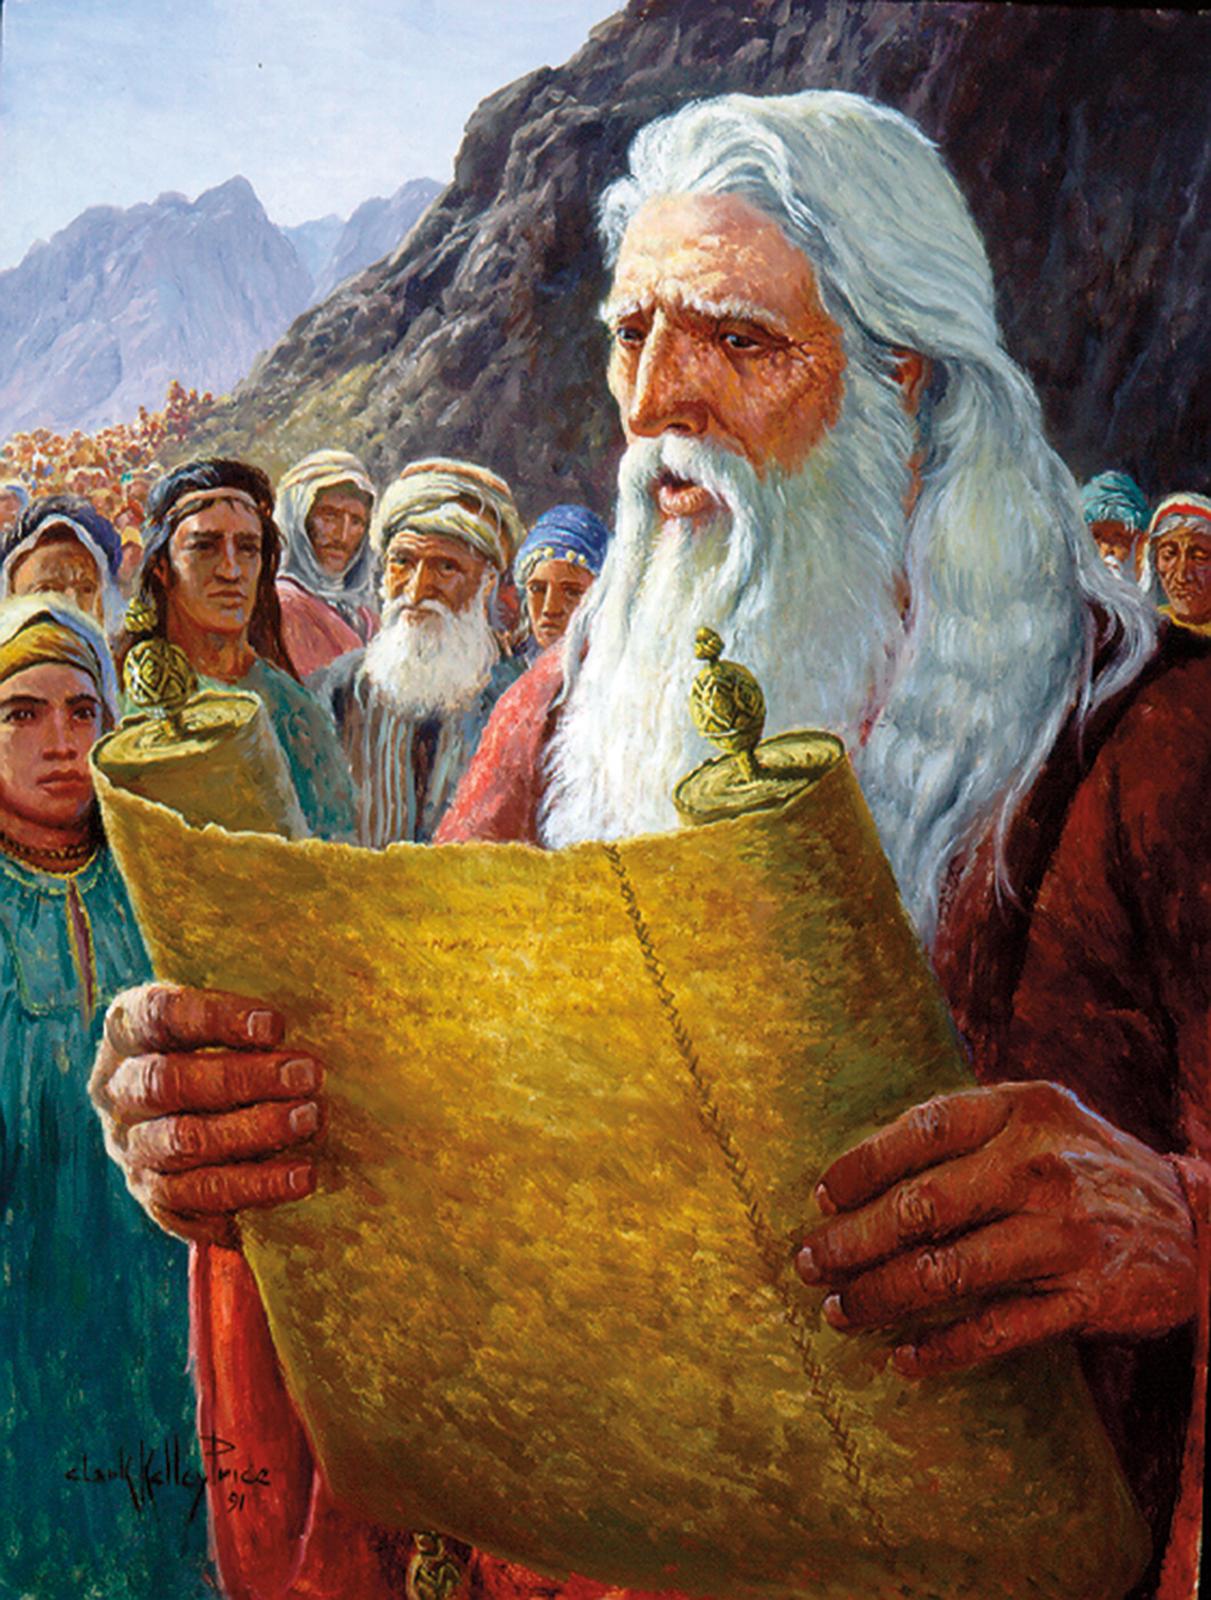 Моисей зачитывает еврейскому сброду закон, написанный для них египетскими мудрецами.